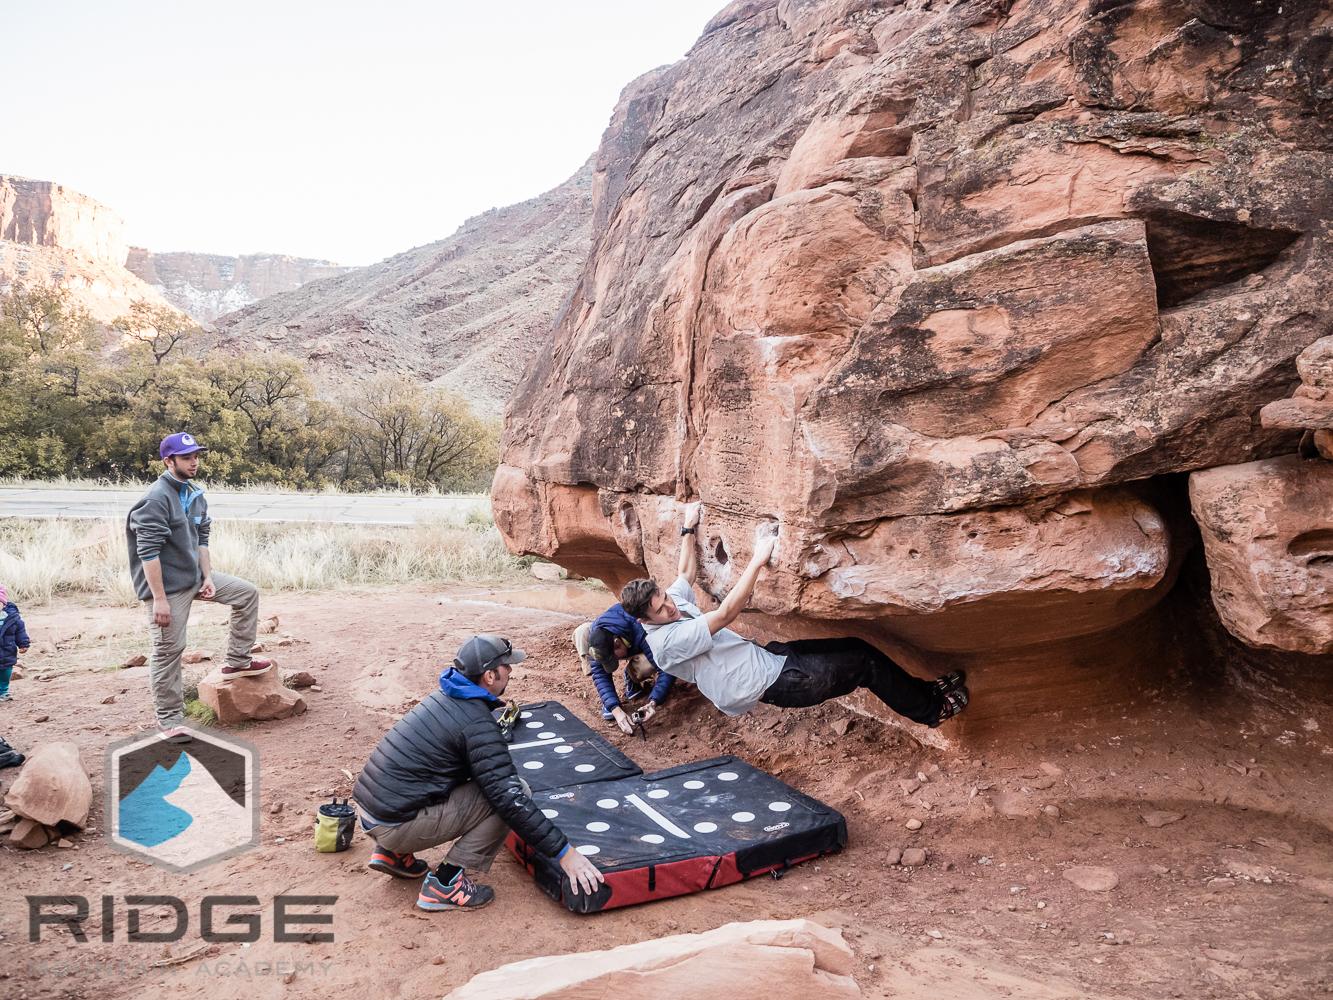 RIDGE in Moab, fall 2015-37.JPG